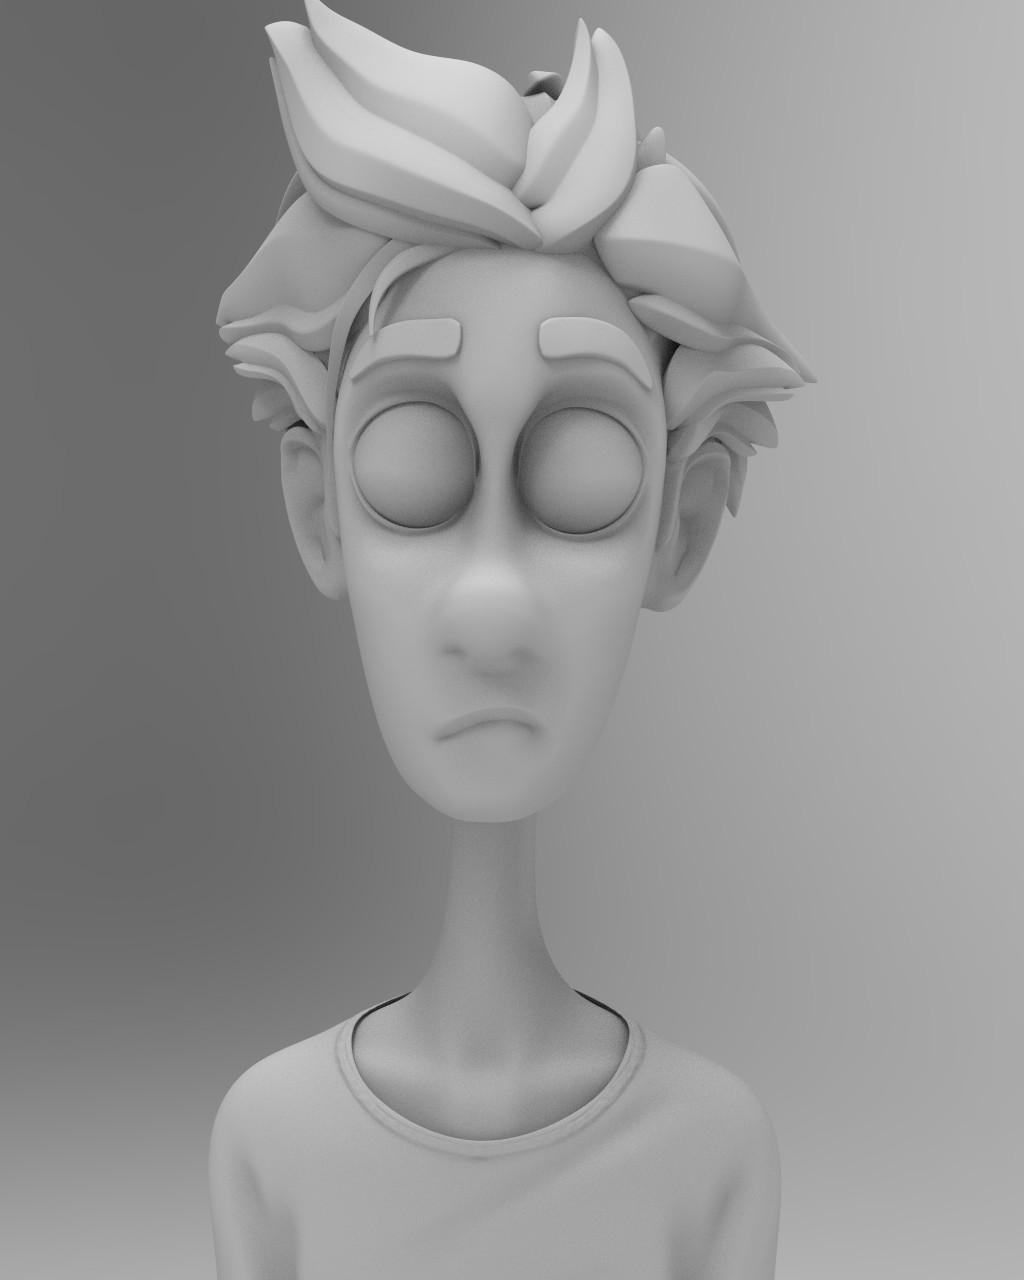 Matte grey Keyshot render